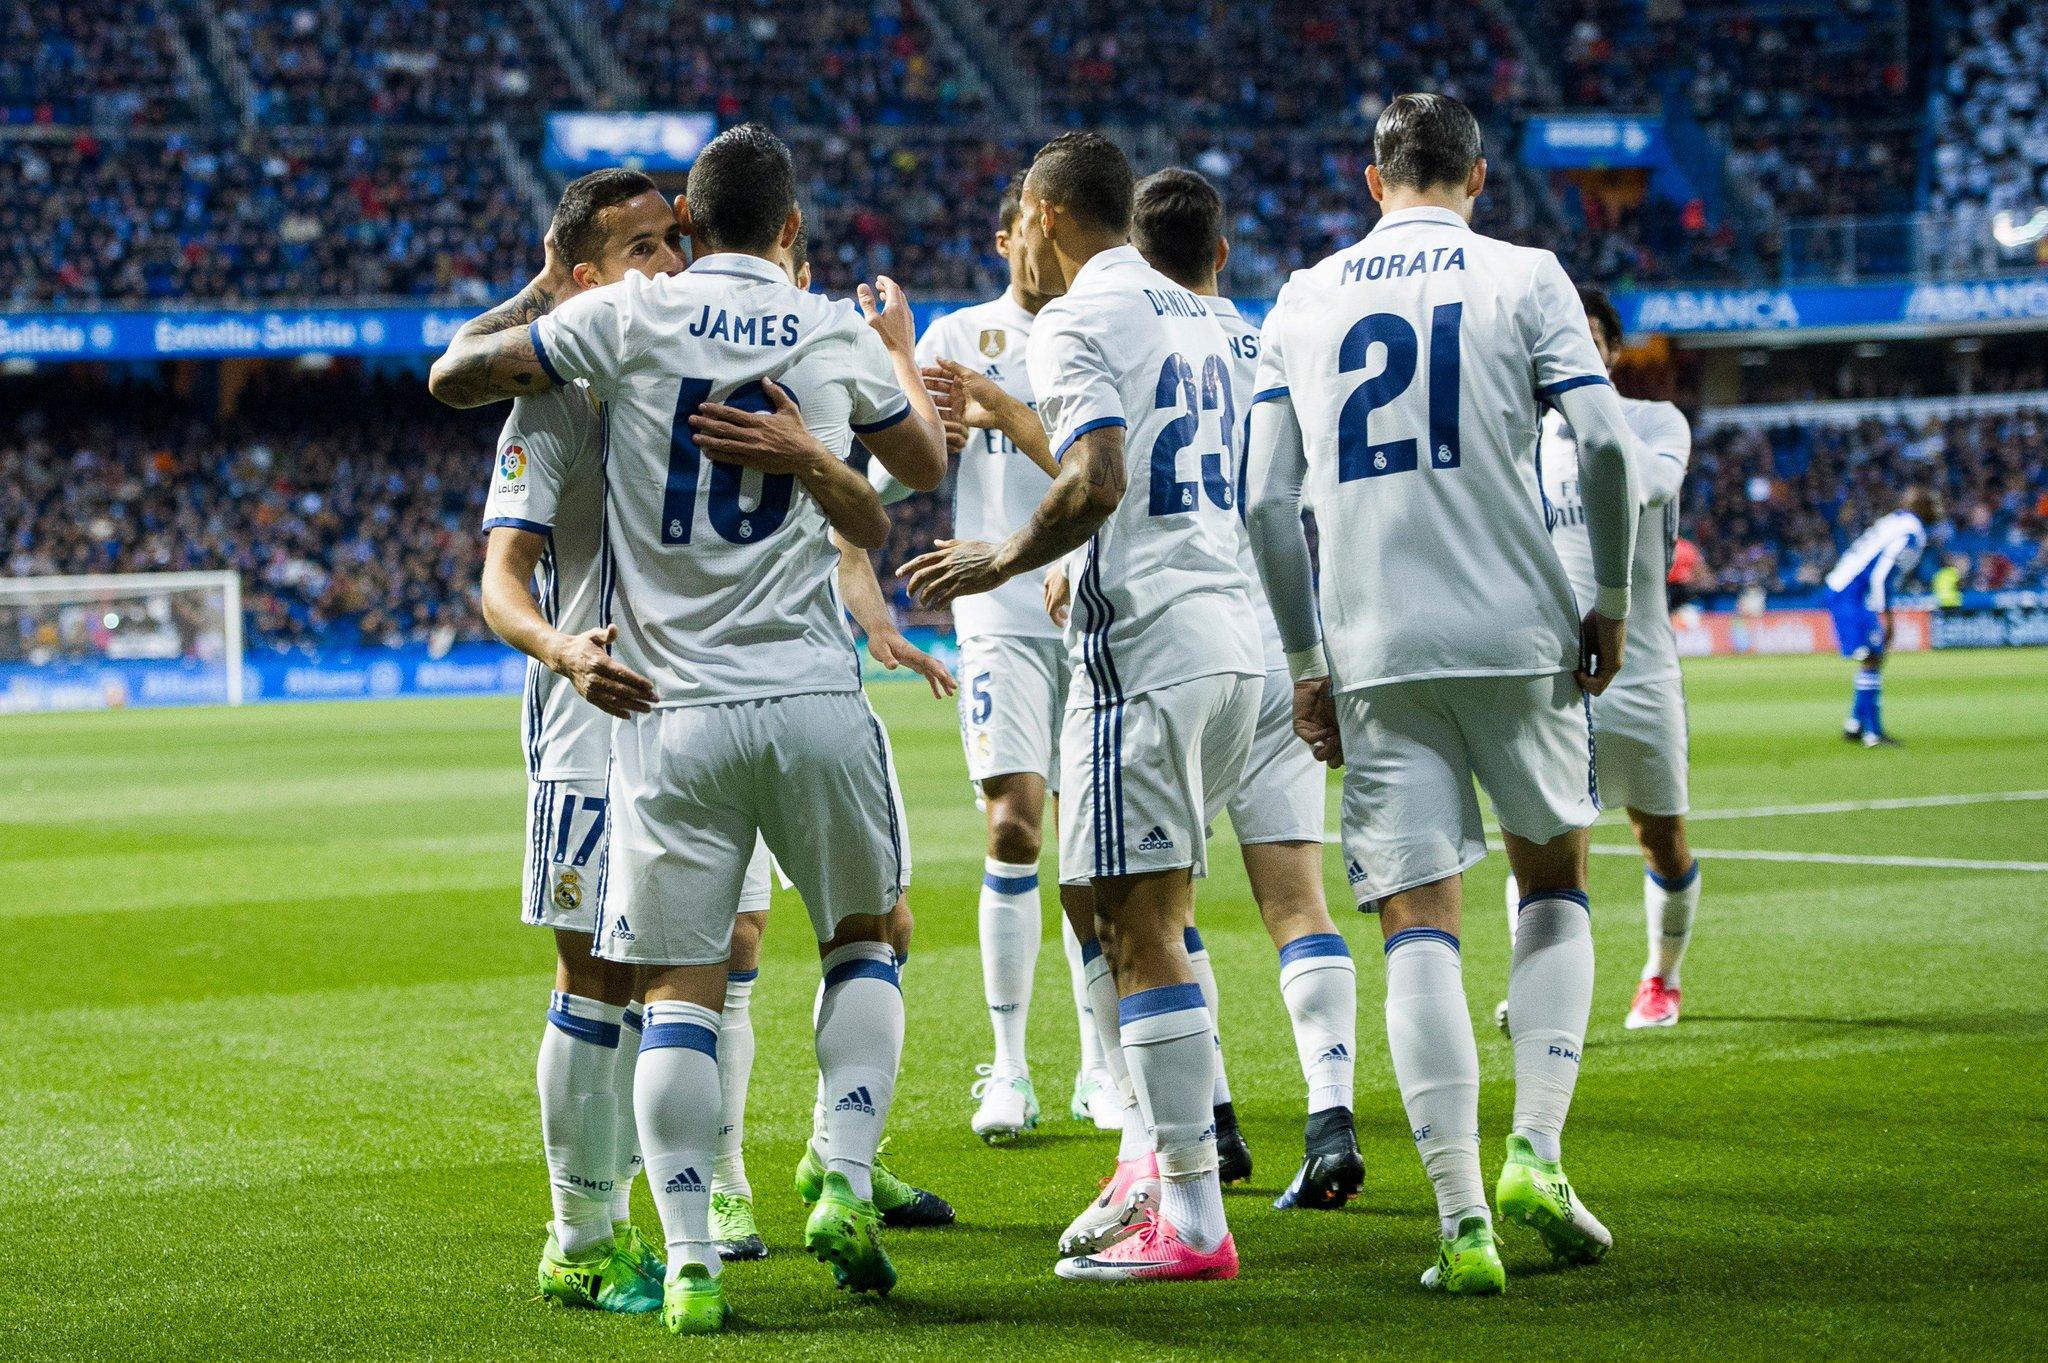 Реал добыл волевую победу над наполи